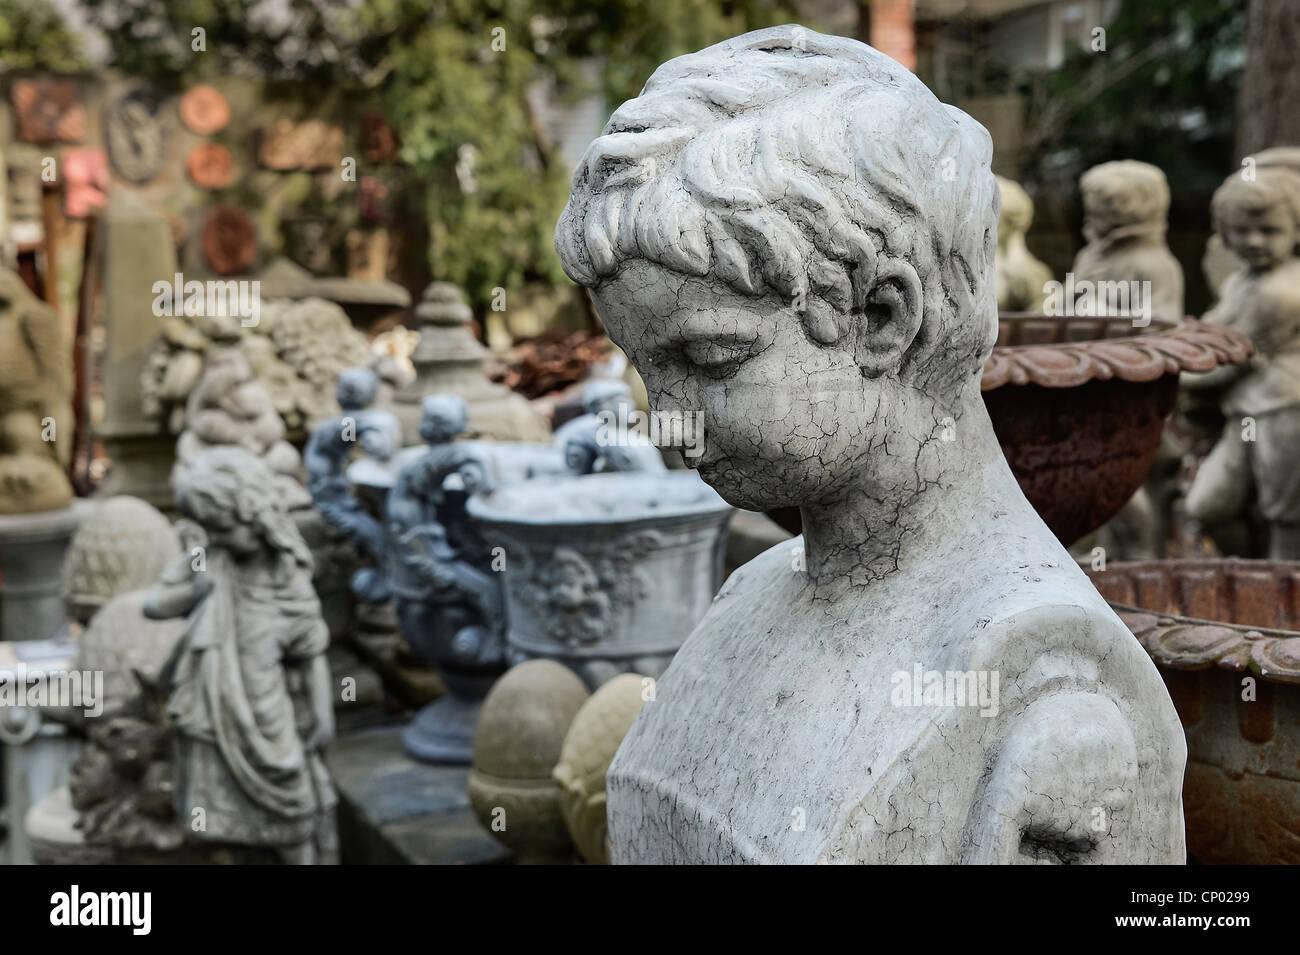 Garden statuary. - Stock Image